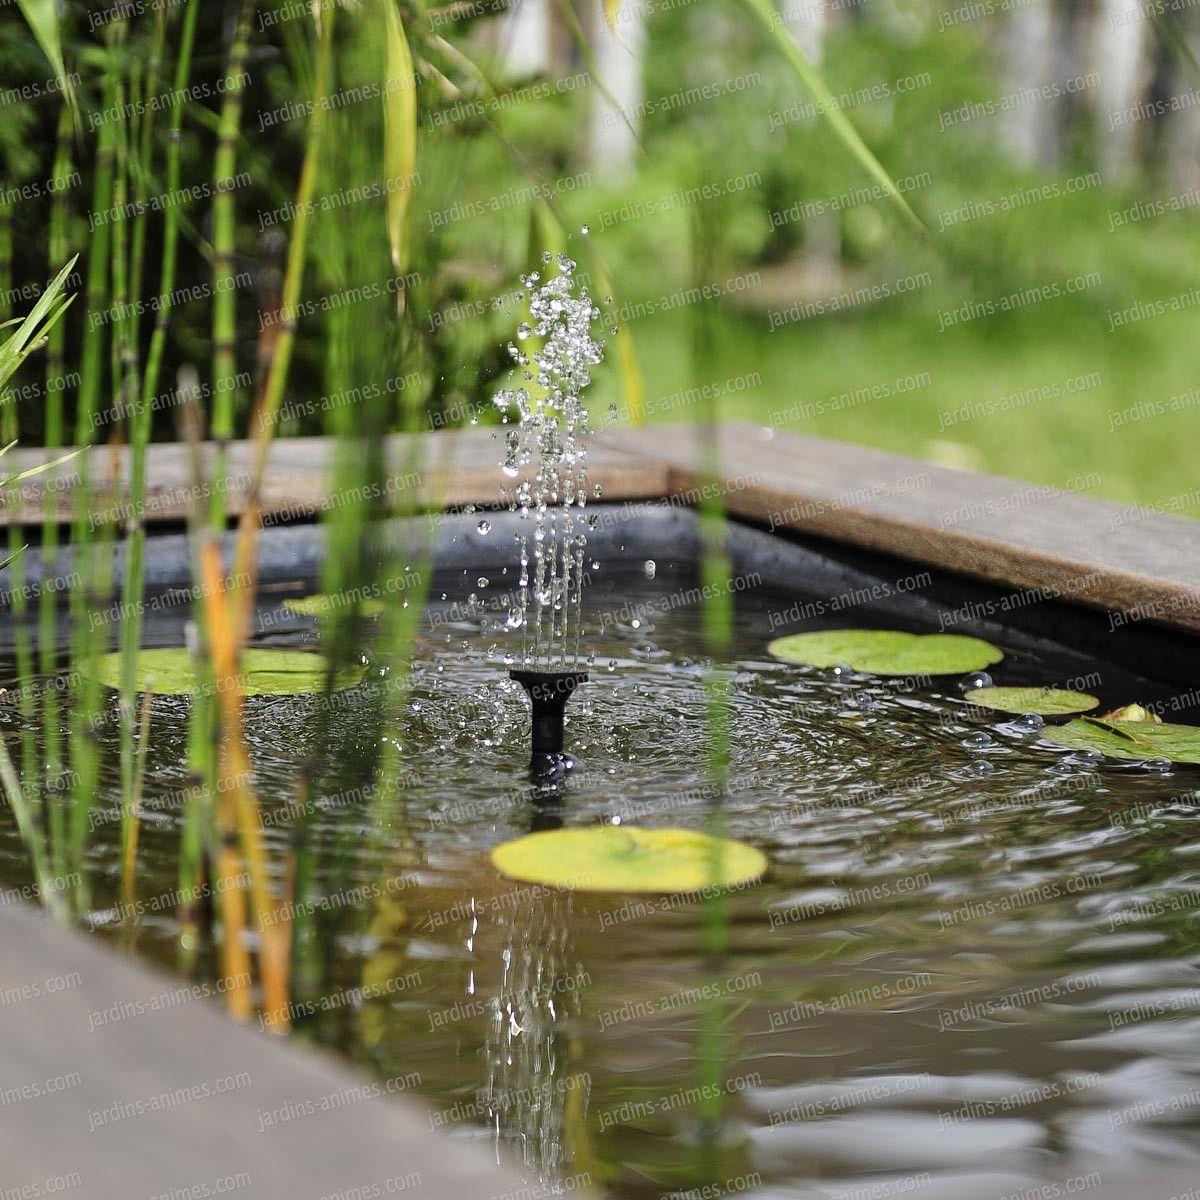 Fontaine solaire petits bassins sj150 fontaine solaire - Petite fontaine de jardin pas cher ...